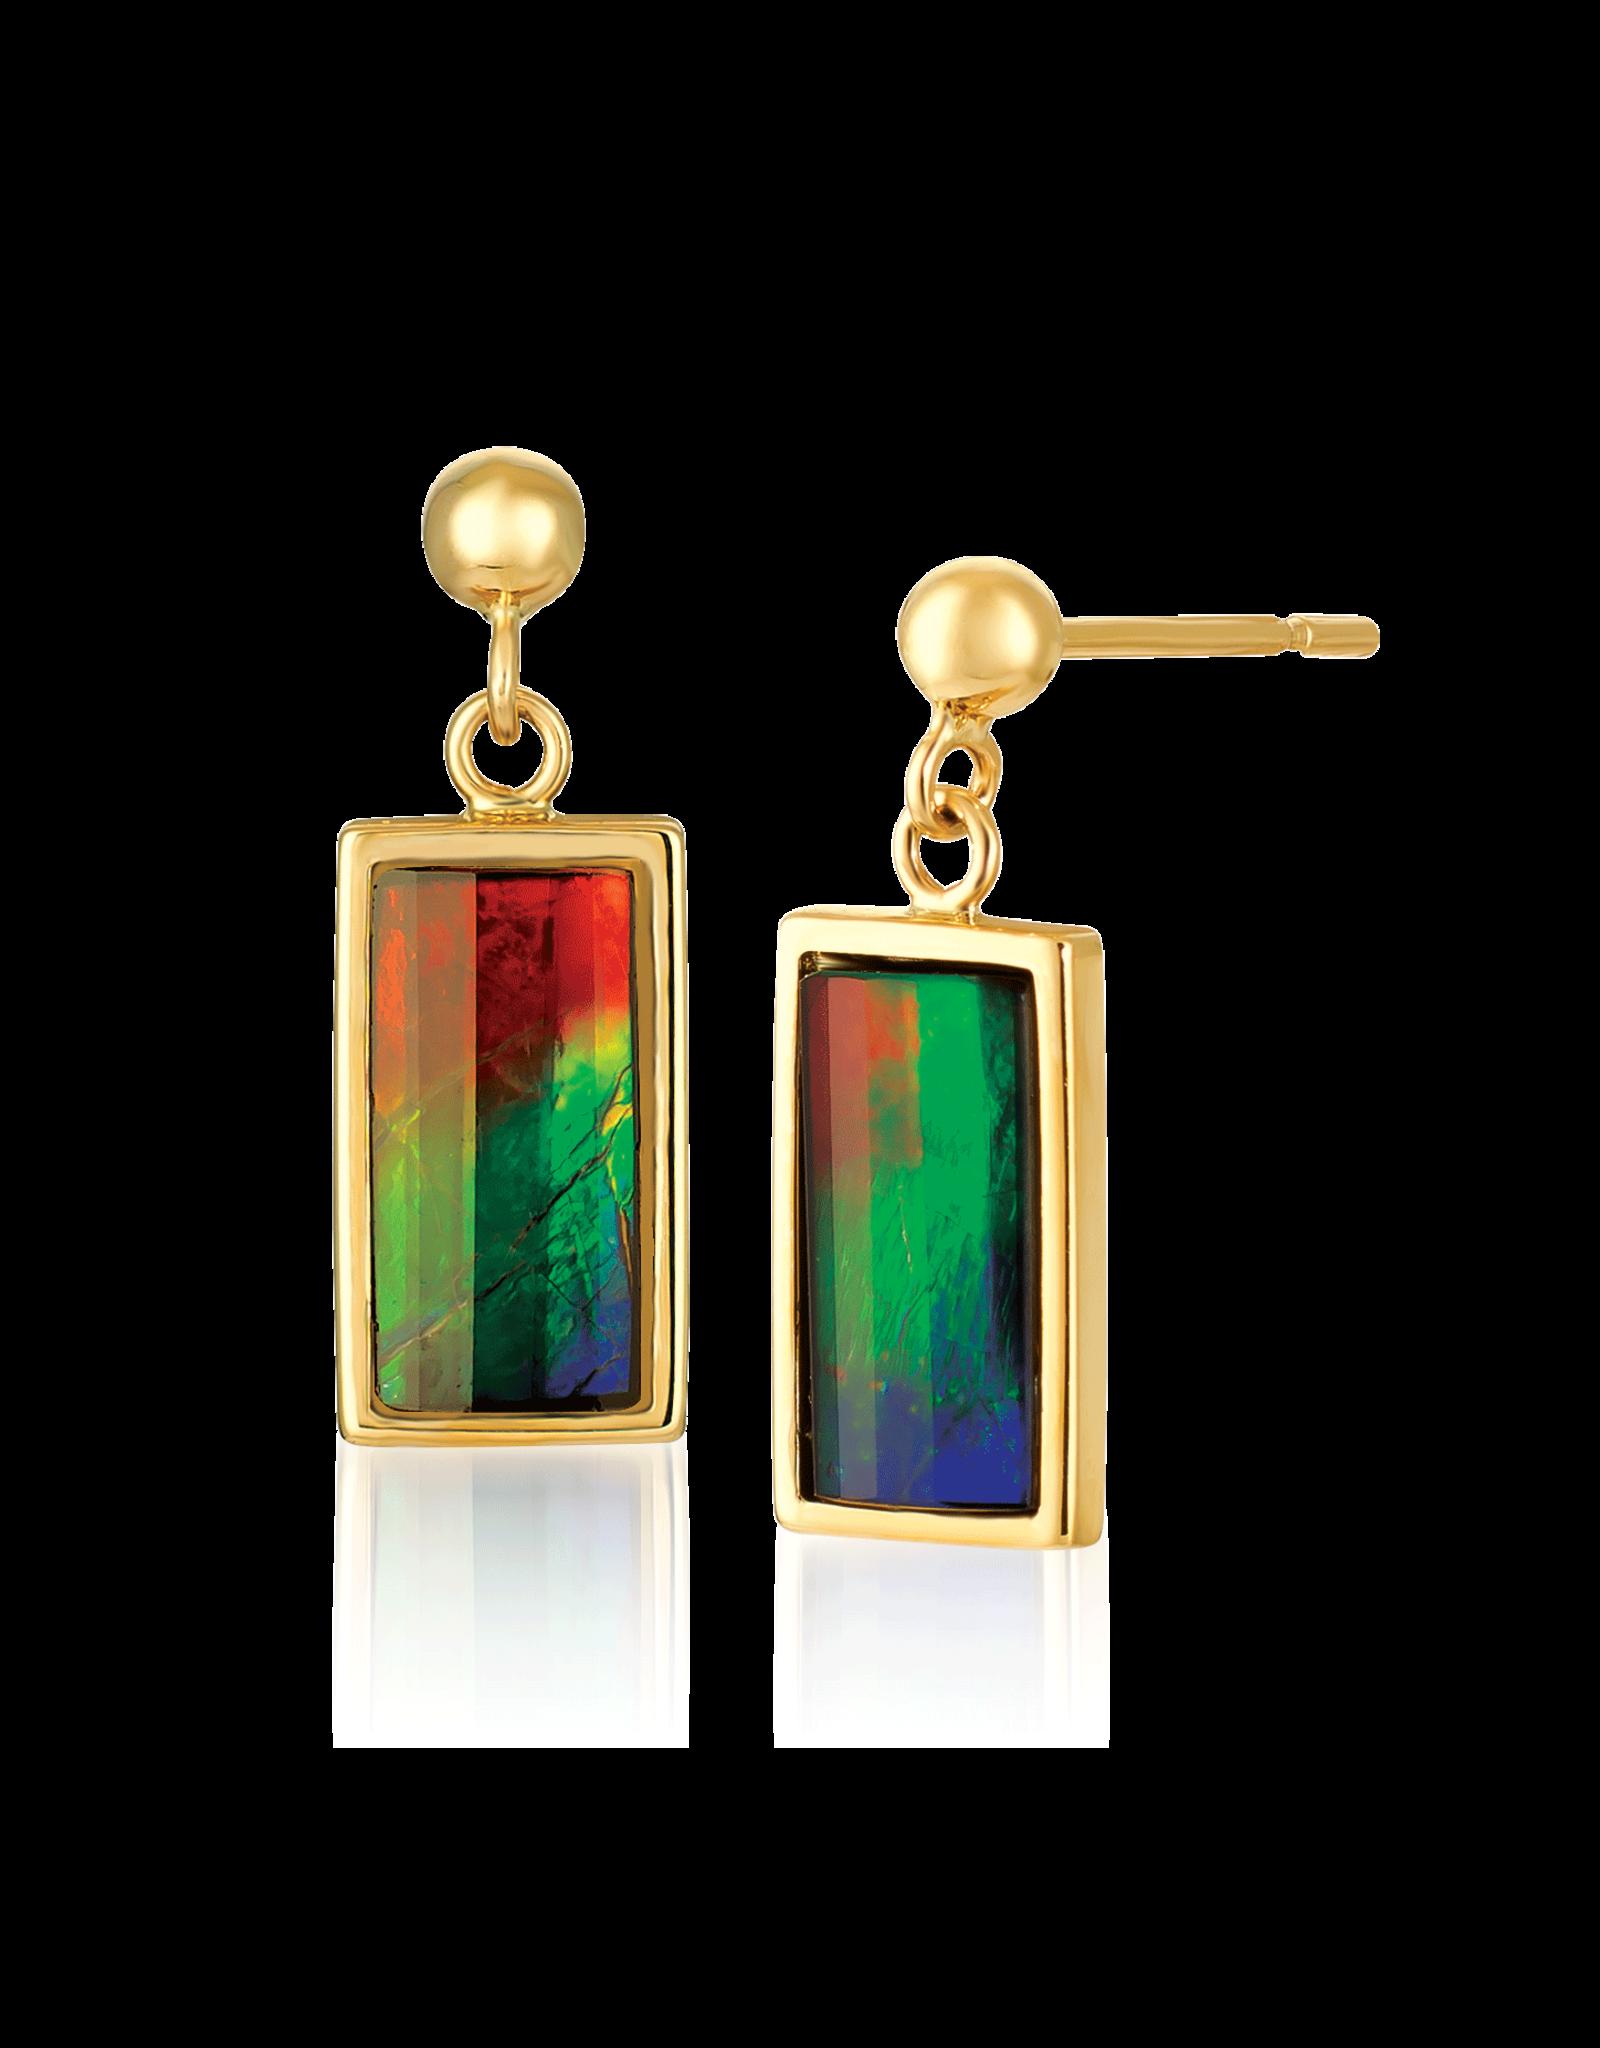 Priscilla Gold Earrings - E8108PF14